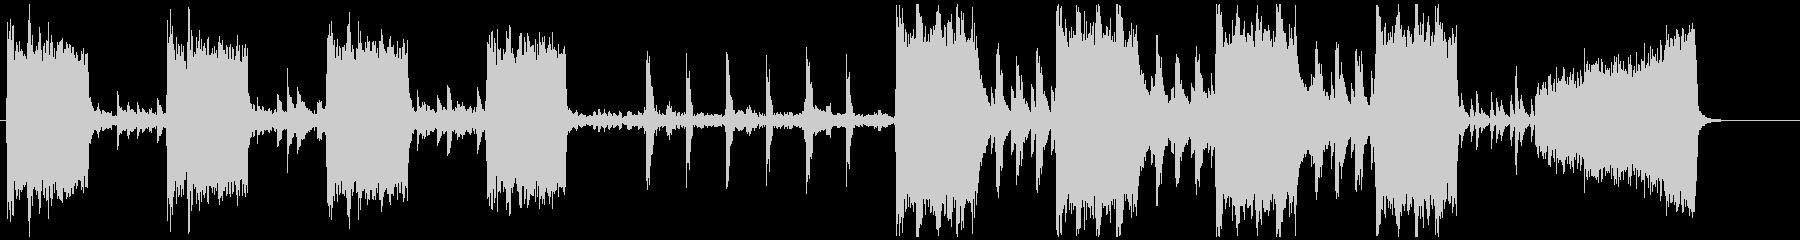 暴力的なチェロ ダークなエレクトロの未再生の波形